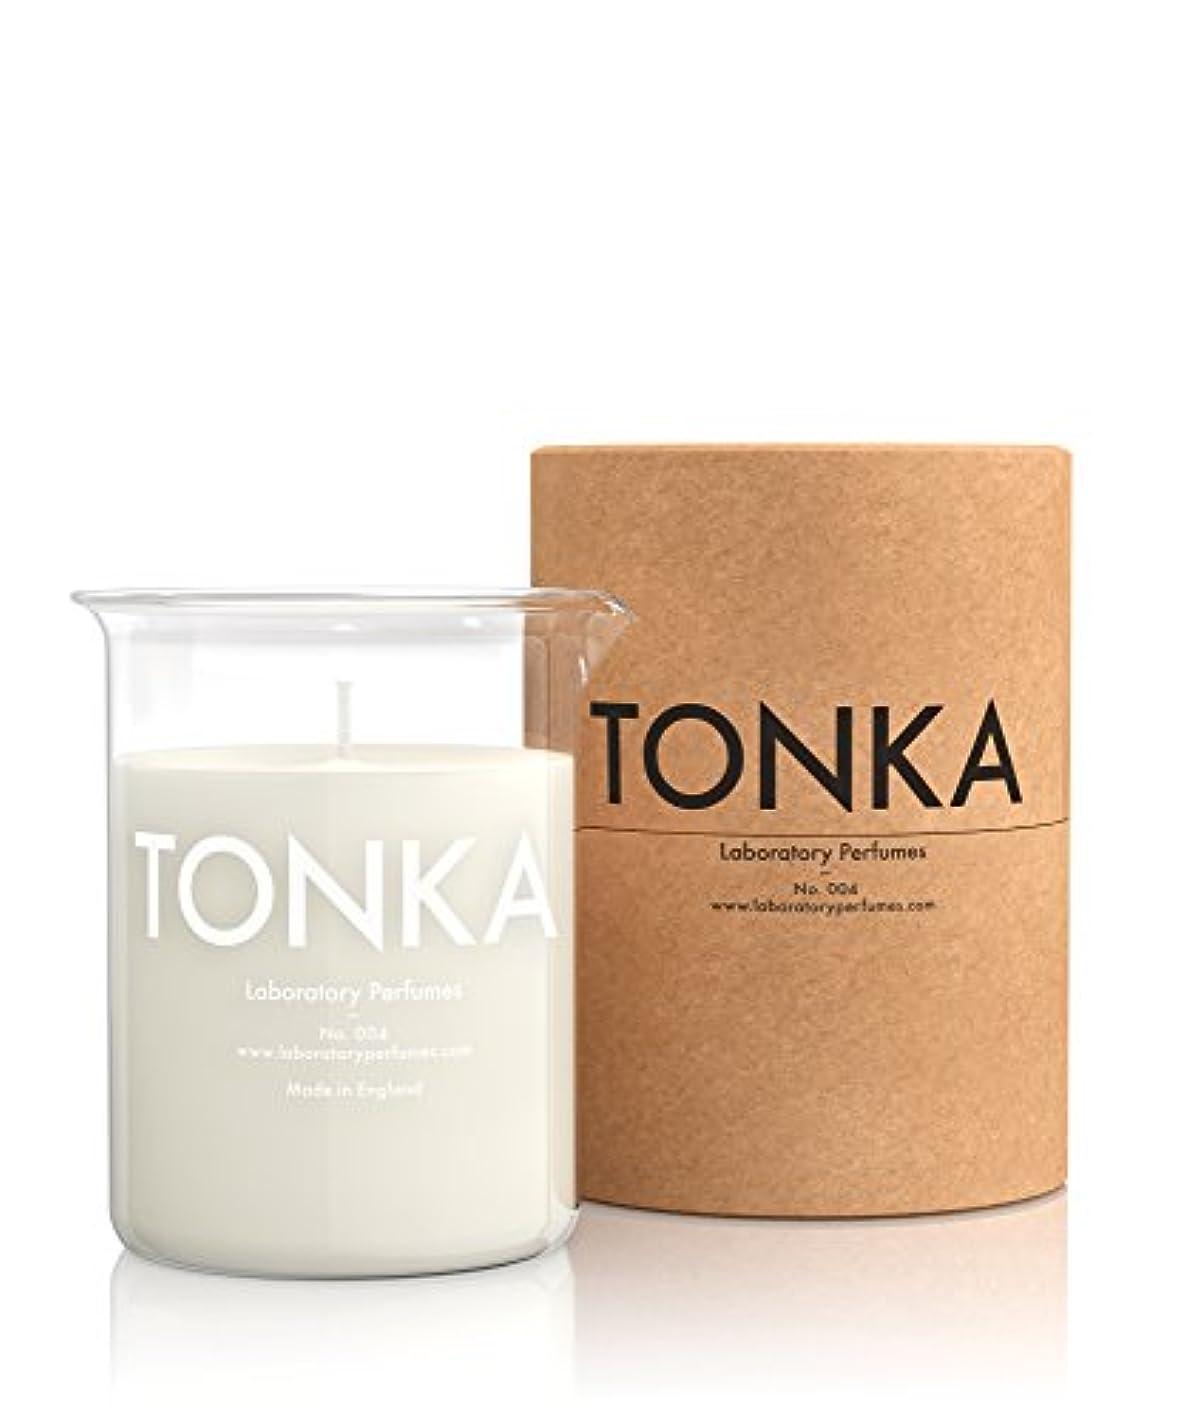 マーチャンダイジング雑多な所有者Labortory Perfumes キャンドル トンカ Tonka (アロマティックオリエンタル Aromatic Oriental) Candle ラボラトリー パフューム